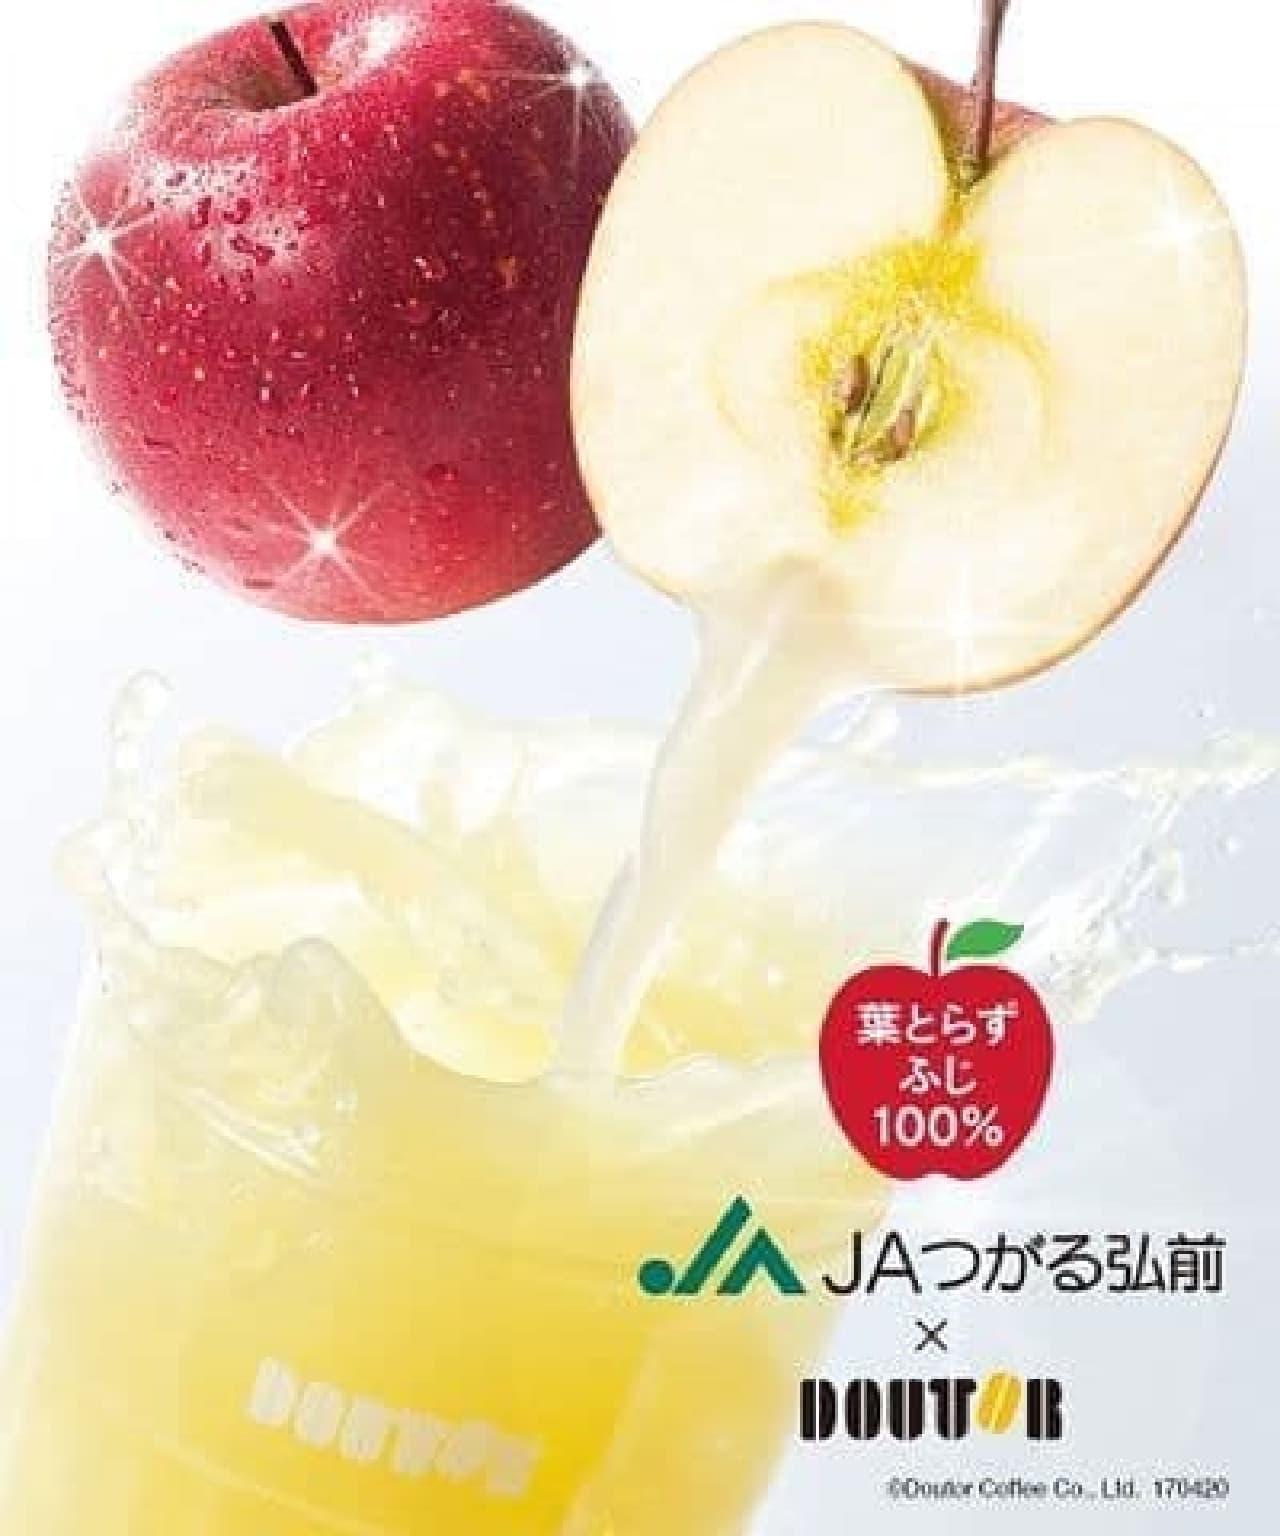 ドトールコーヒー「青森県産りんごストレートジュース」